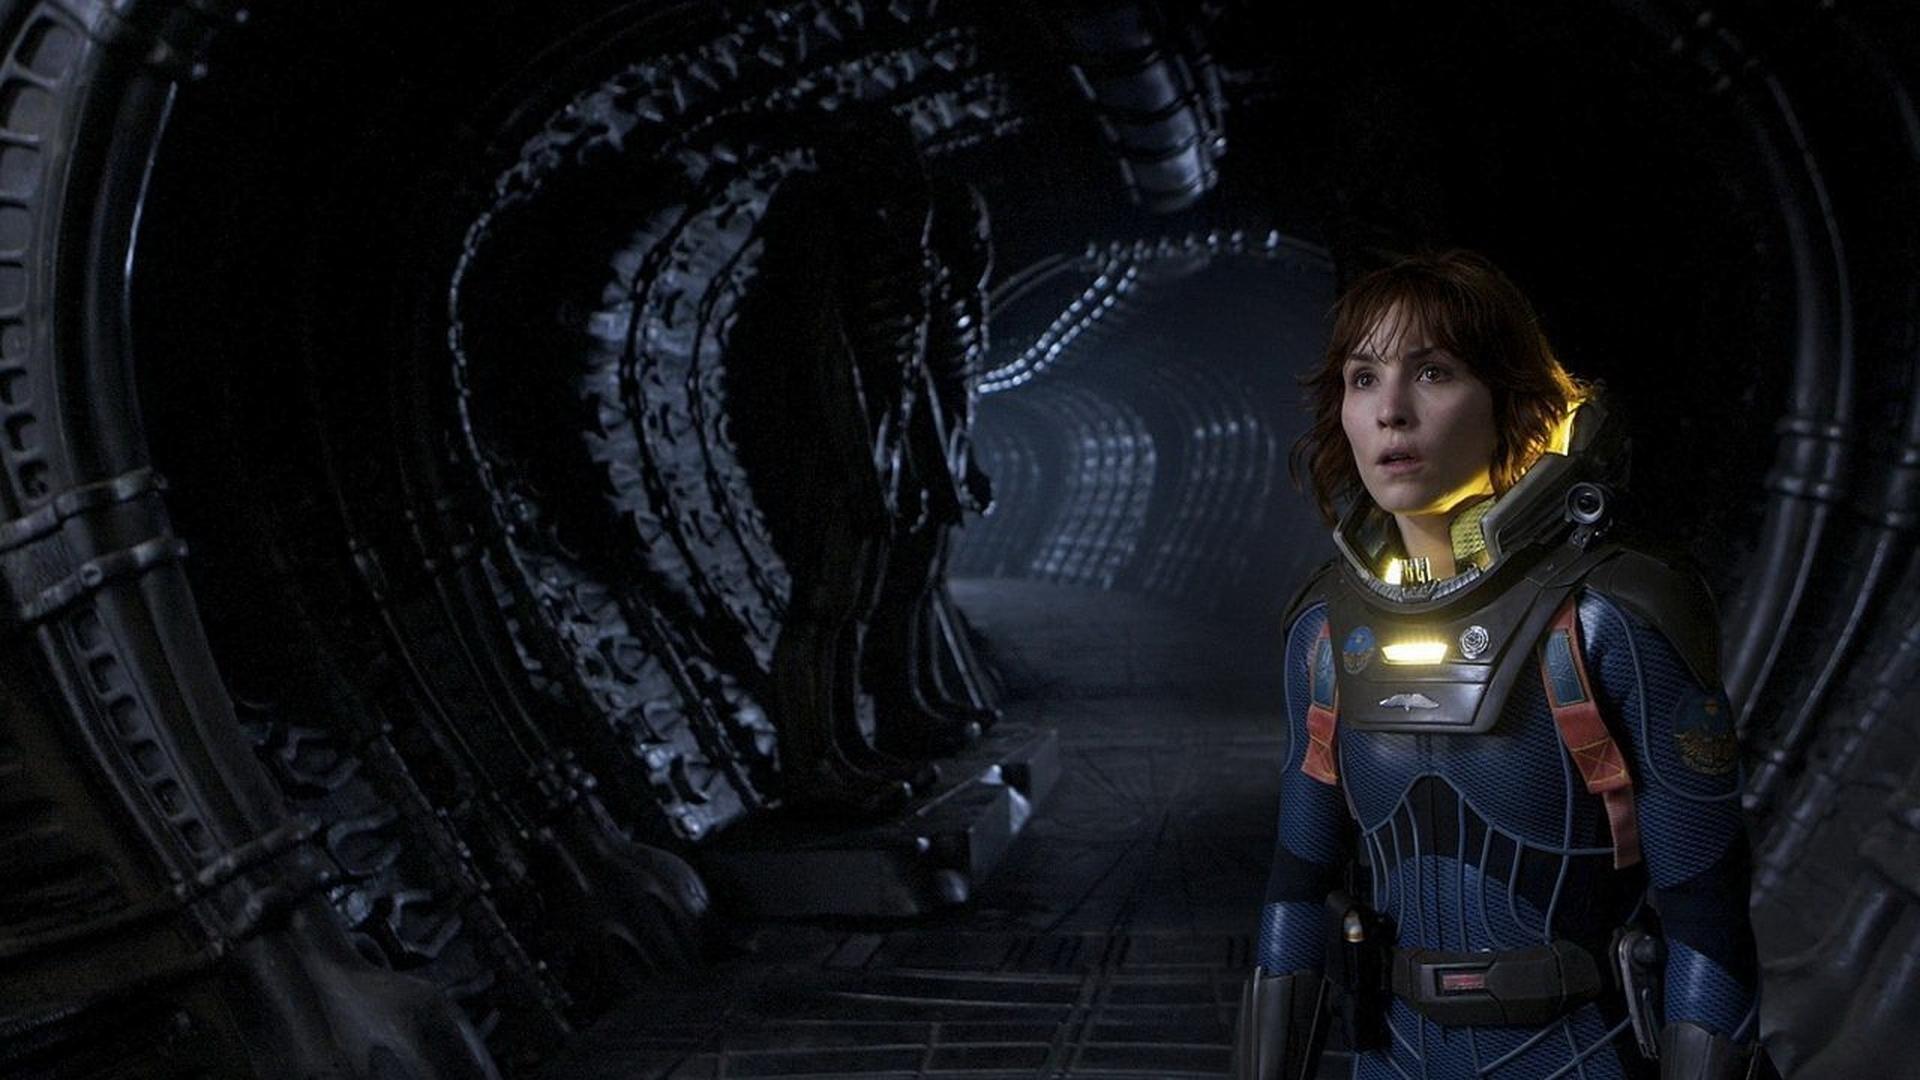 Prometheus dimanche 20 septembre sur W9 : comment le film se connecte-t-il à la saga Alien ?